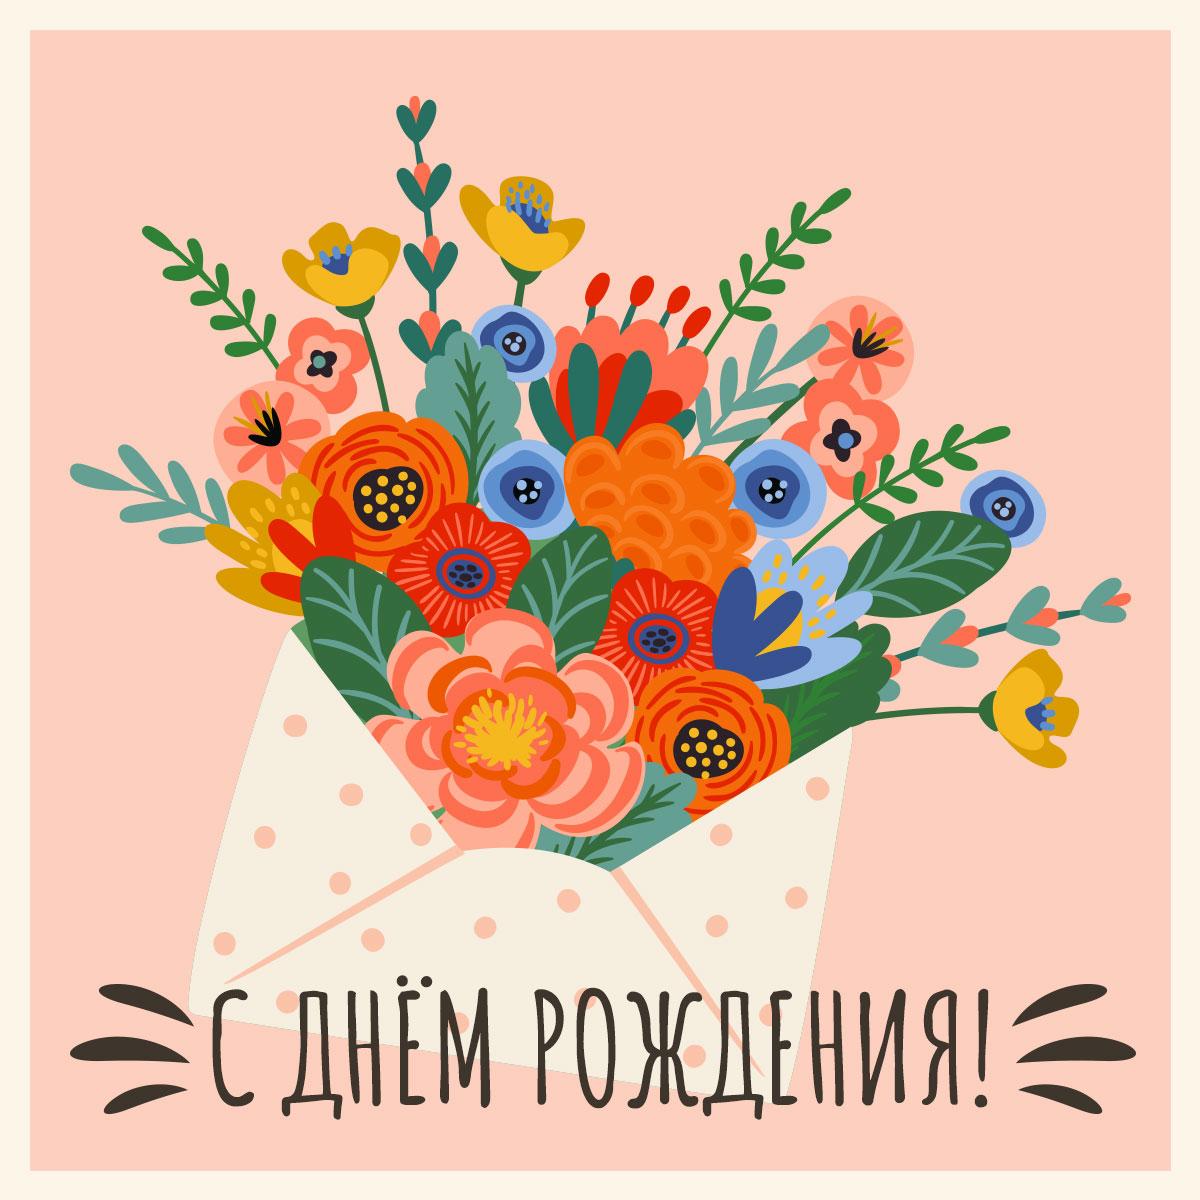 Картинка нежно розовая на открытки цветы с днем рождения в конверте с поздравительной надписью.